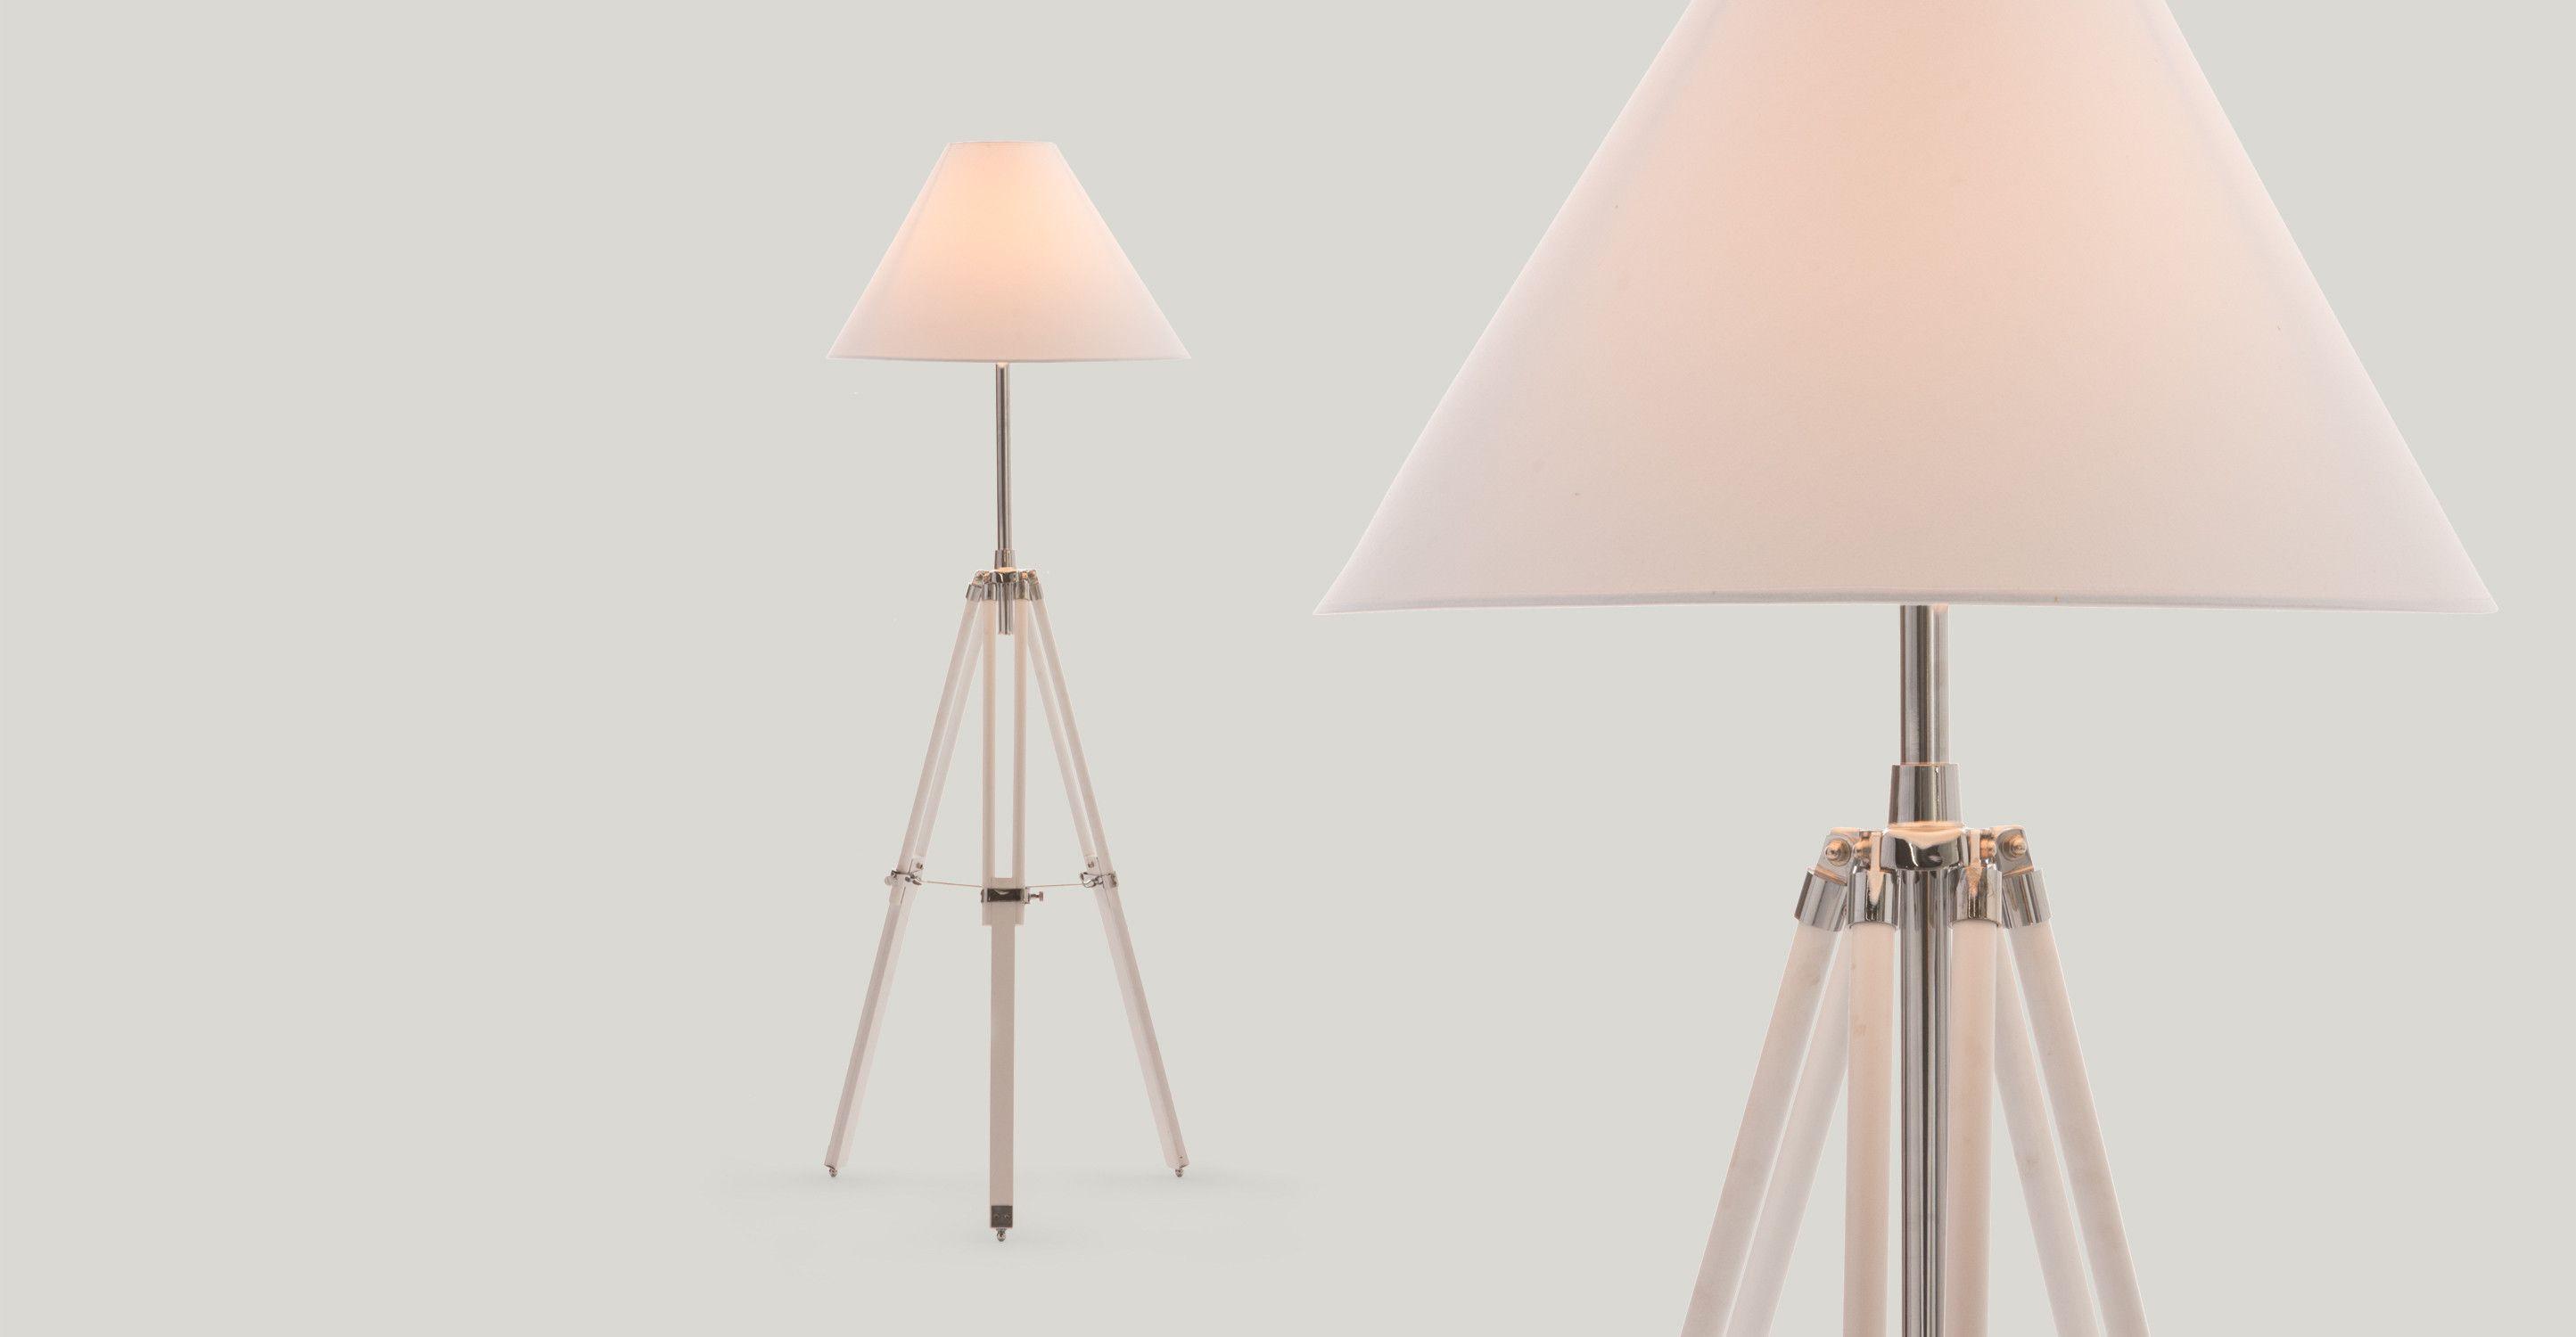 Navy driepoot staande lamp in wit sfeer bedroom